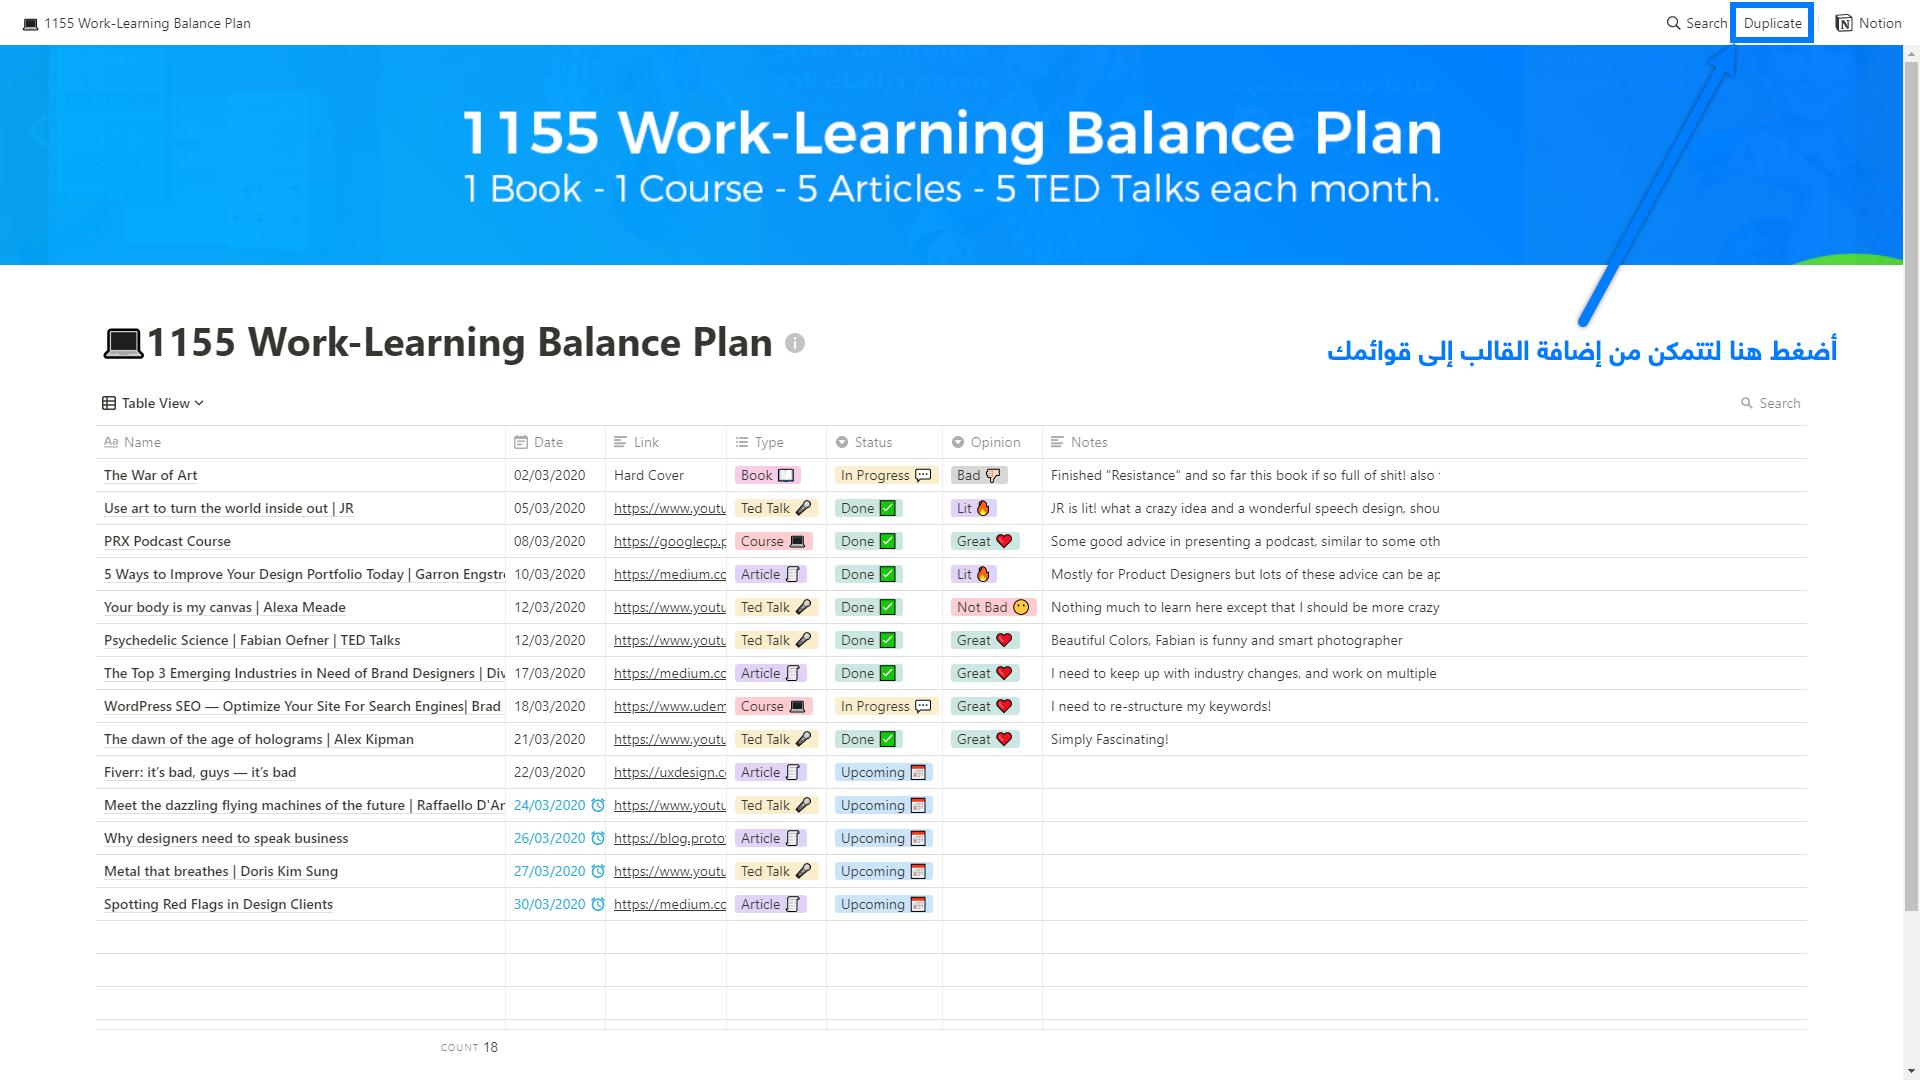 كيف يمكنك الحصول على قالب خطة التوازن بين العمل والتعلم 5511